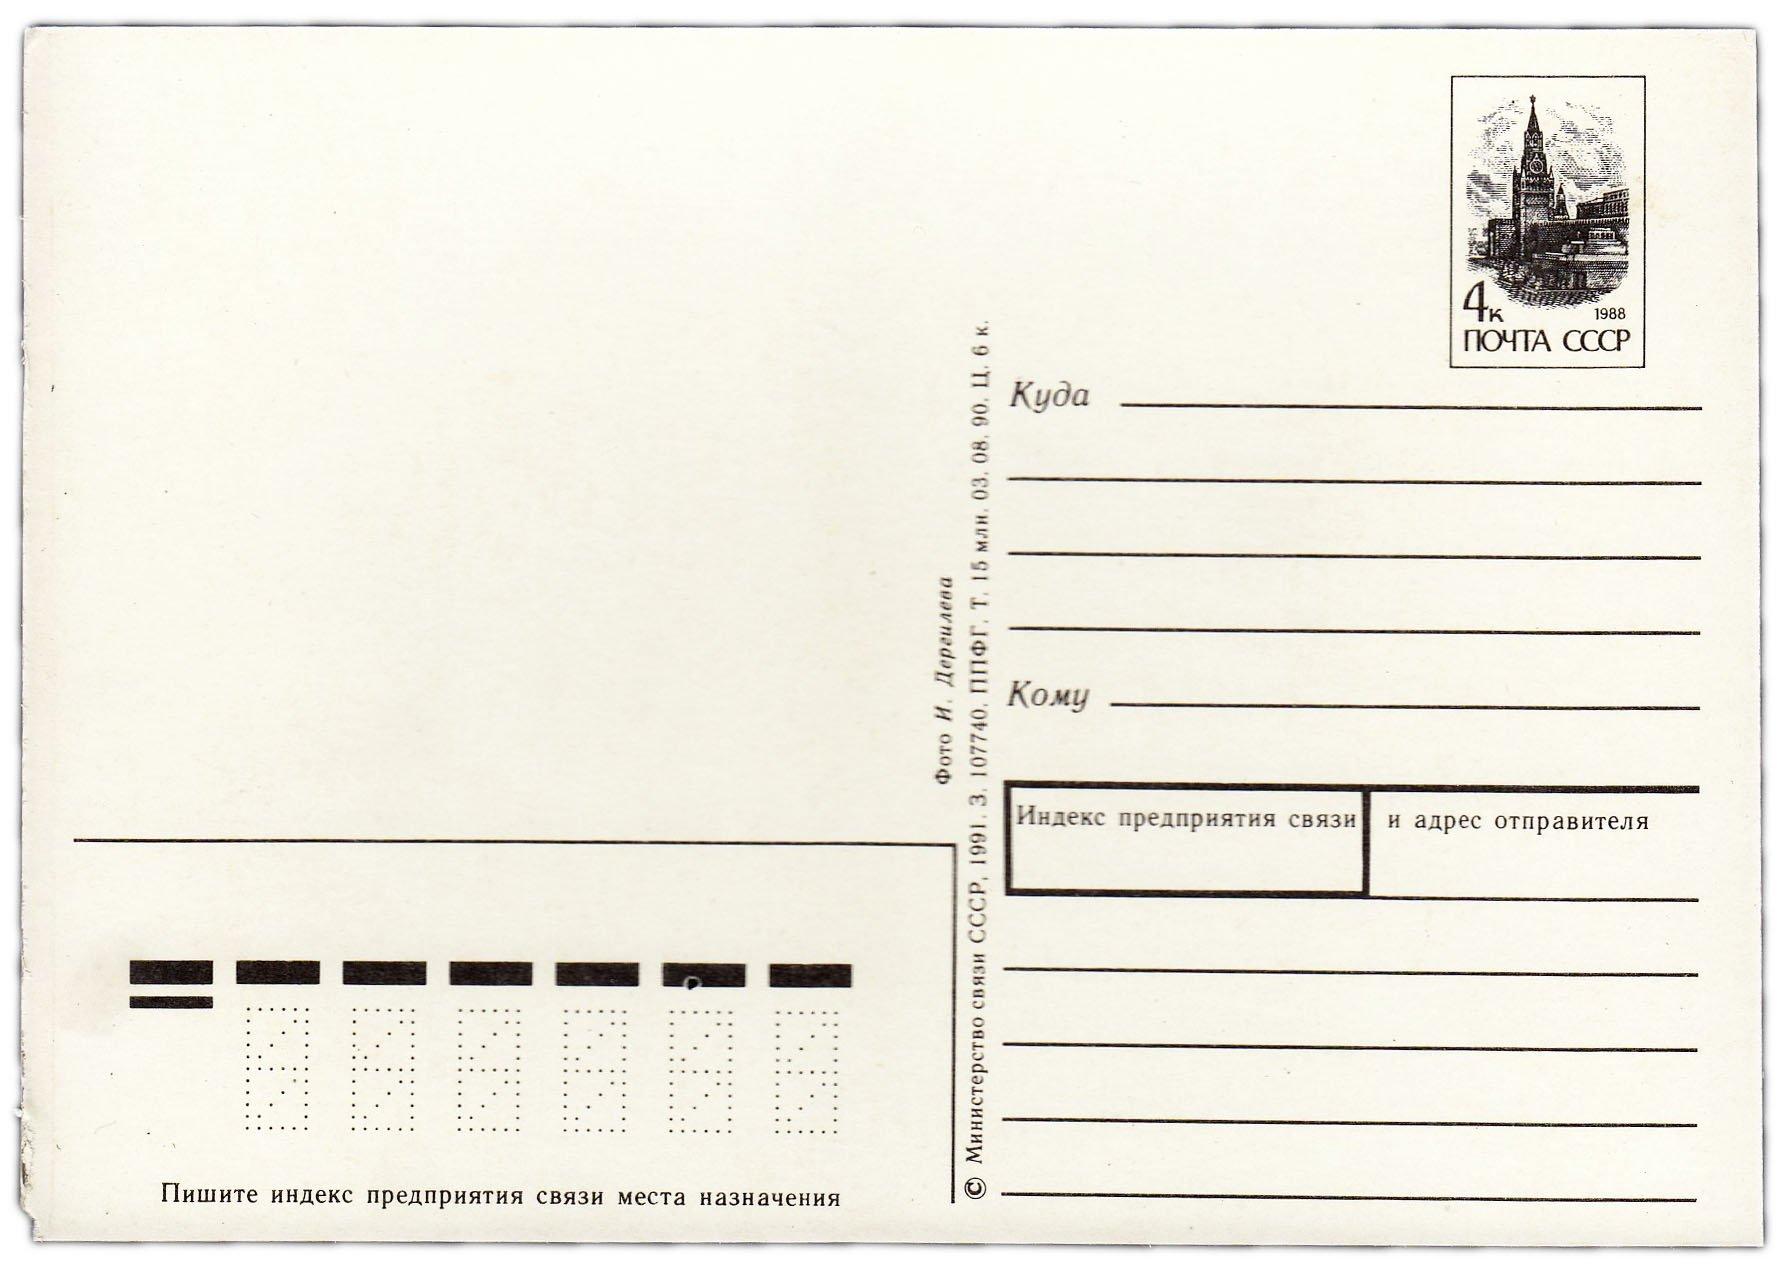 Где распечатать почтовые открытки